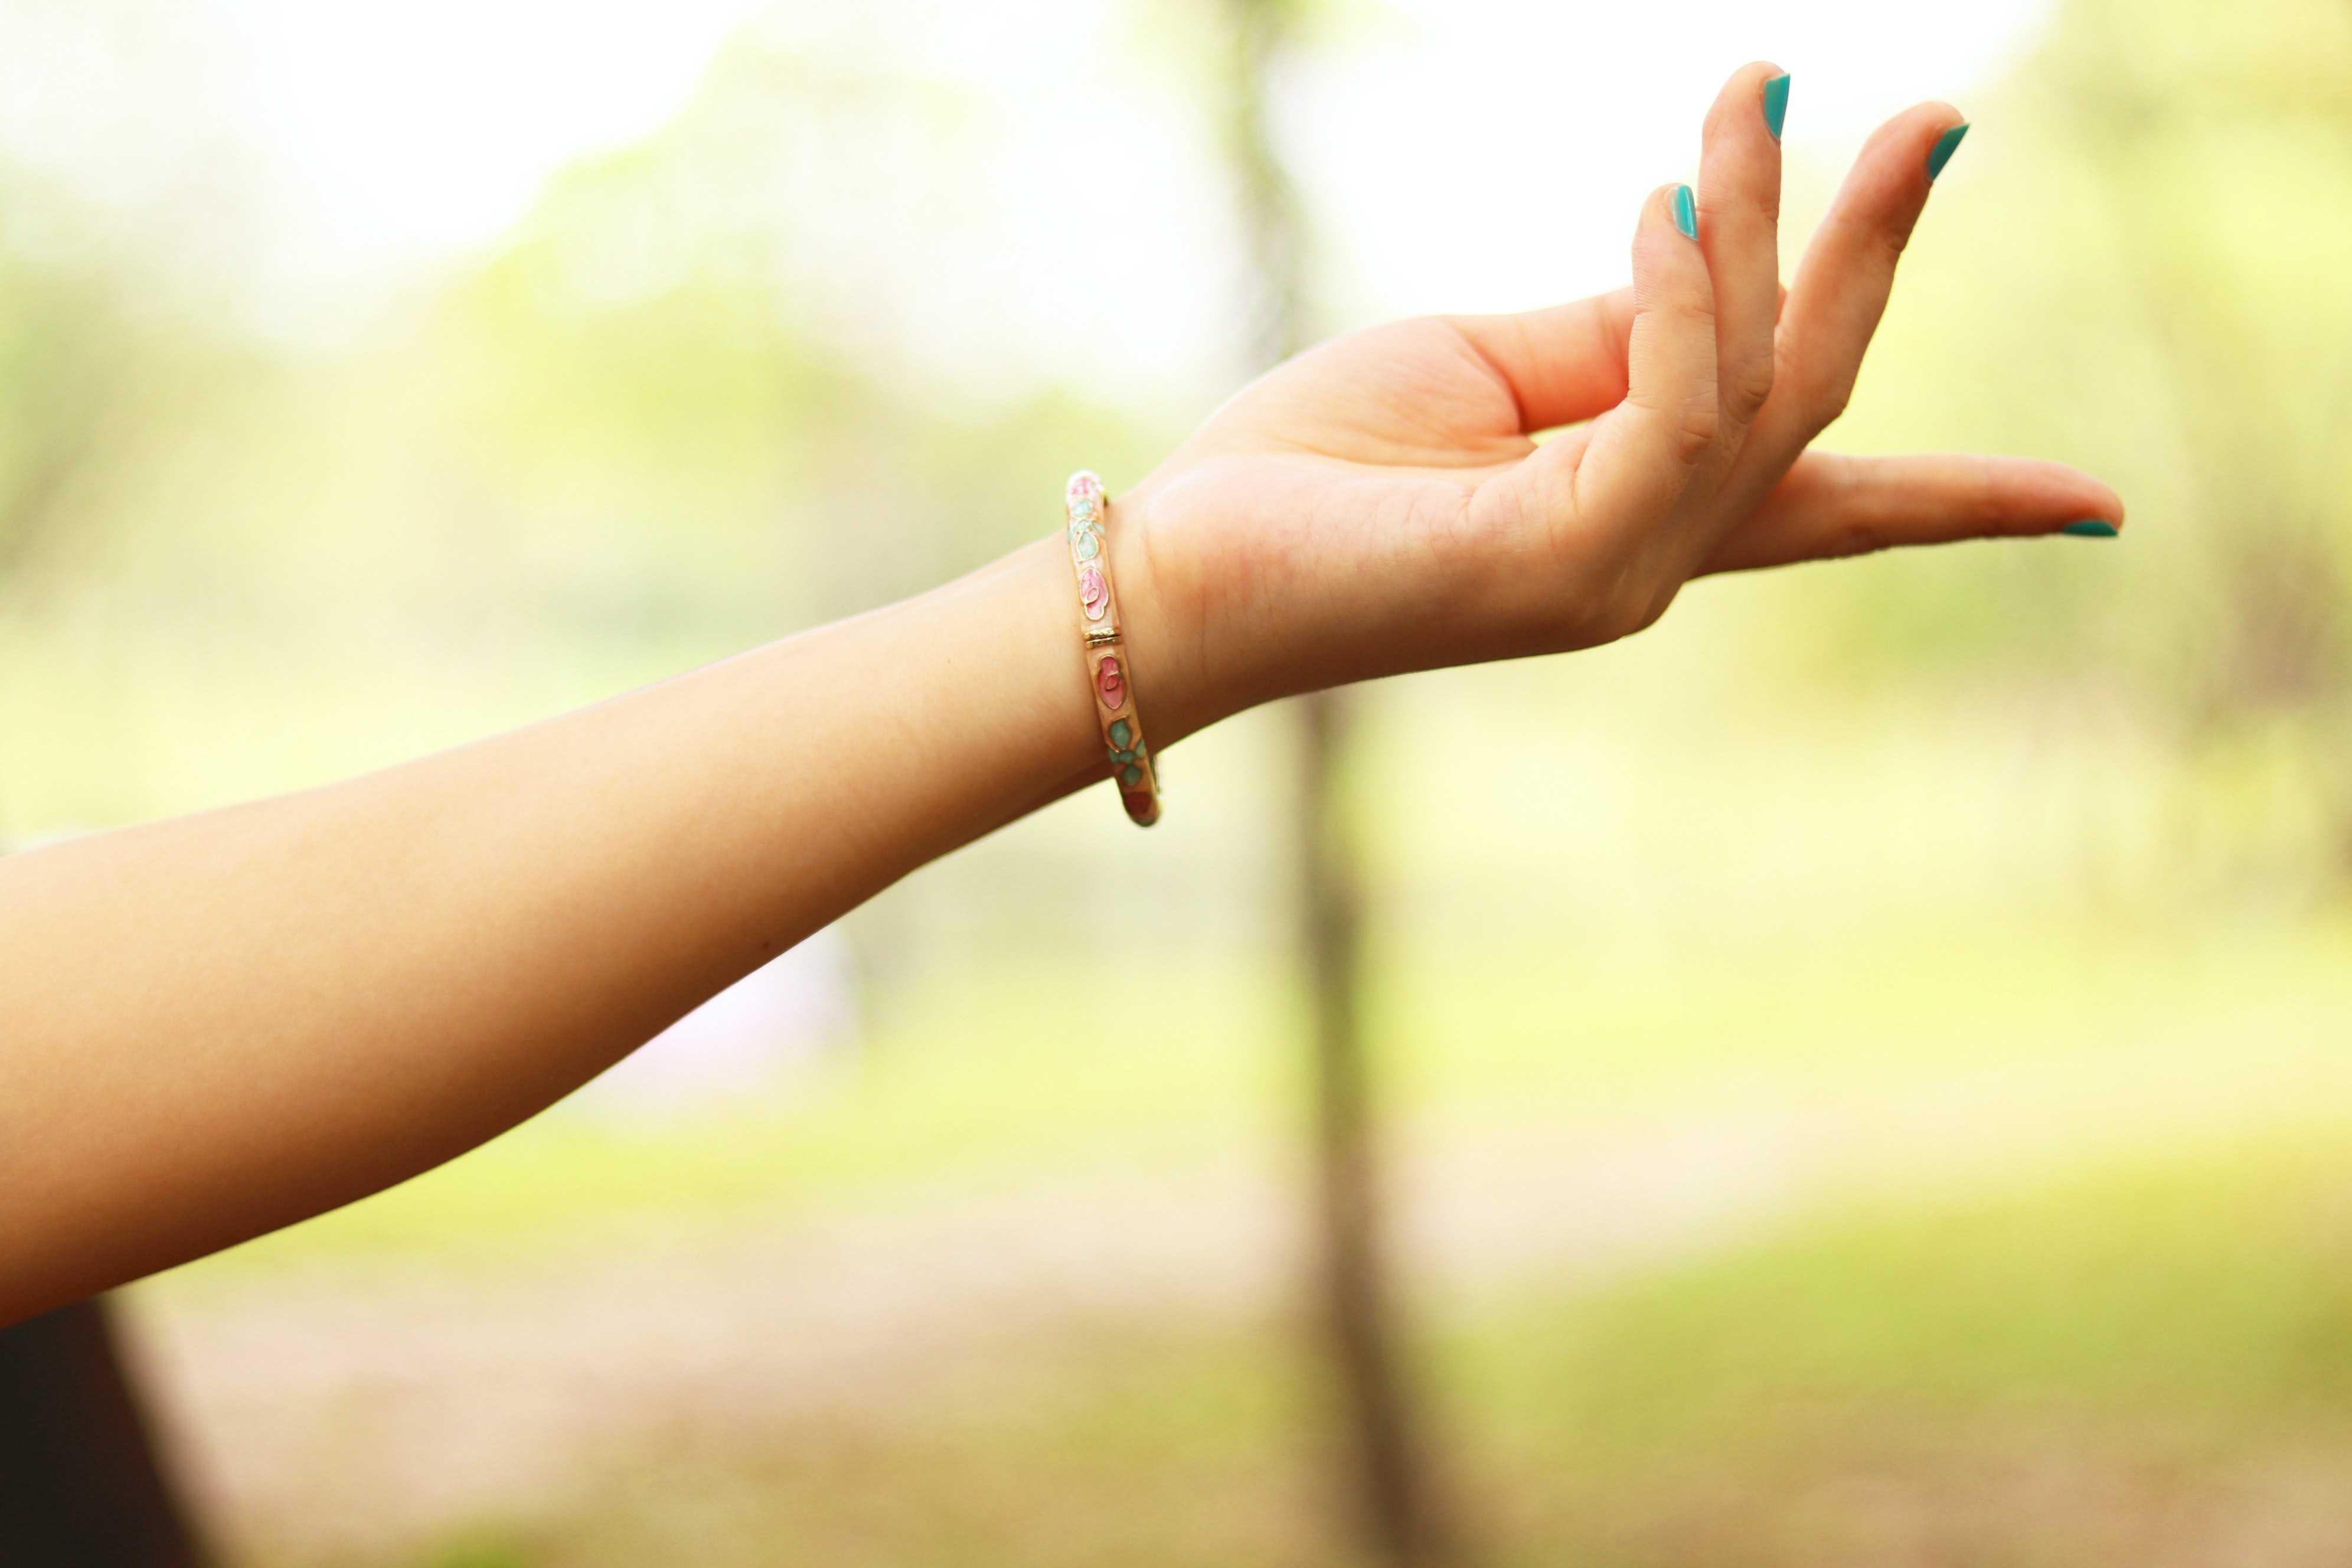 アクセササリーをつけた左手